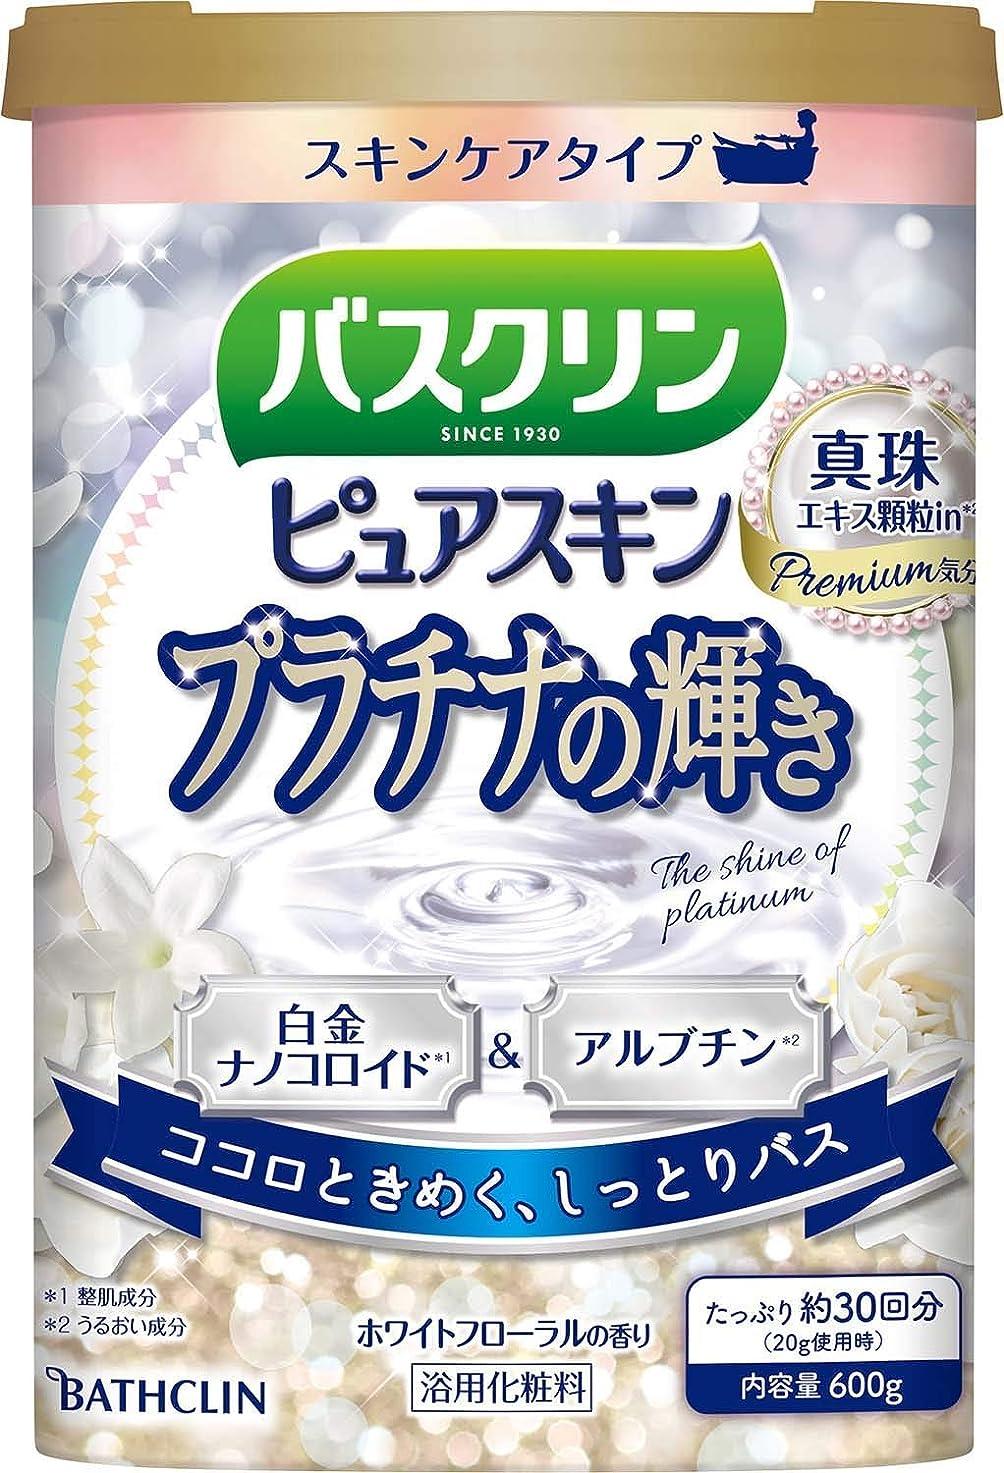 究極の不道徳毎回バスクリンピュアスキンプラチナの輝き600g入浴剤(約30回分)